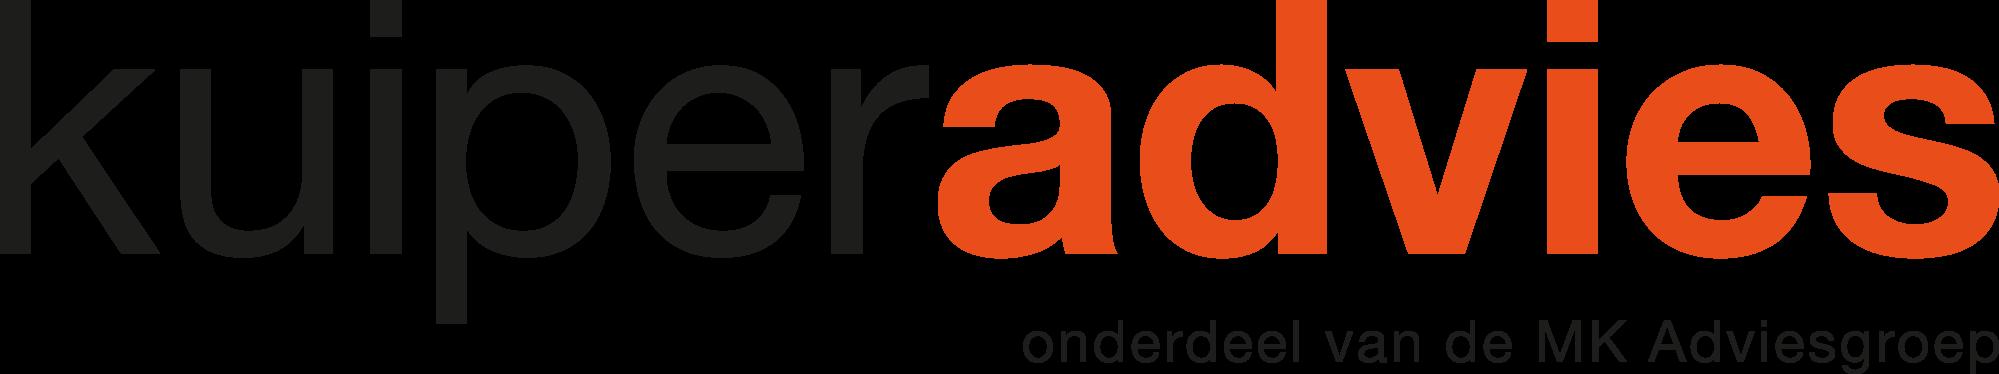 Kuiper Advies Logo